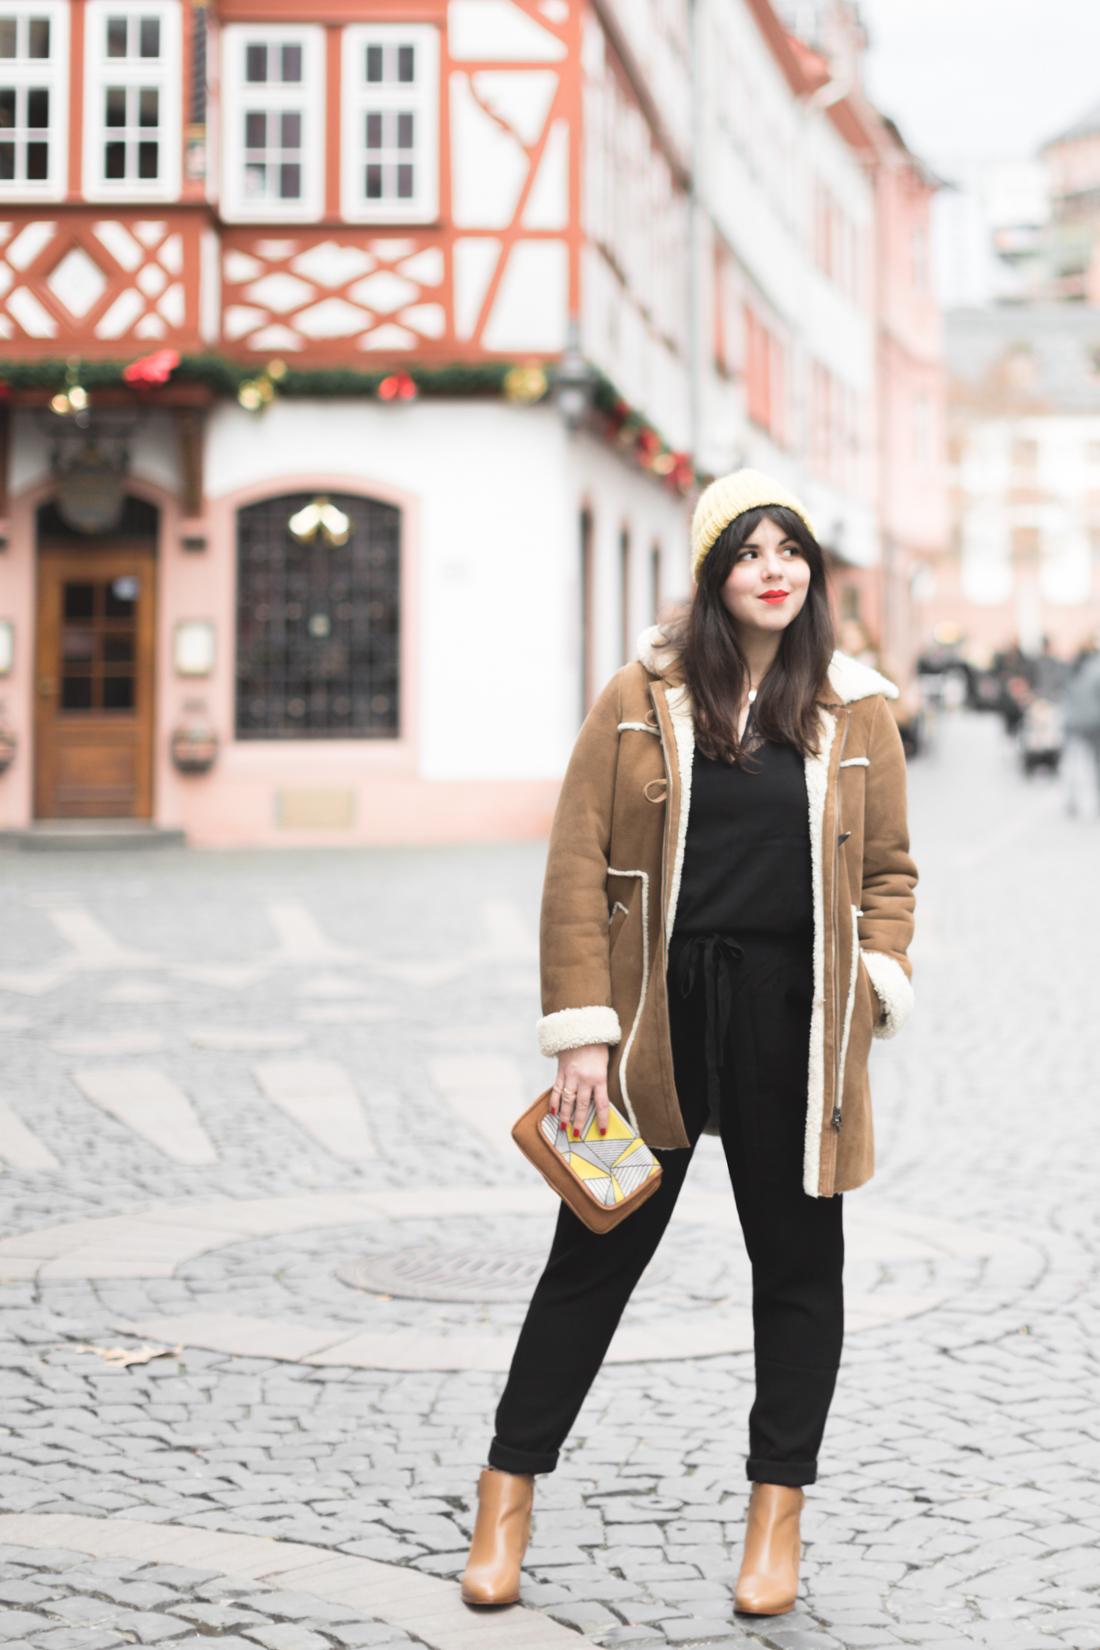 comptoir_des_cotonniers_peau_lainee_copyright_pauline_fashionblog_blog_mode-2